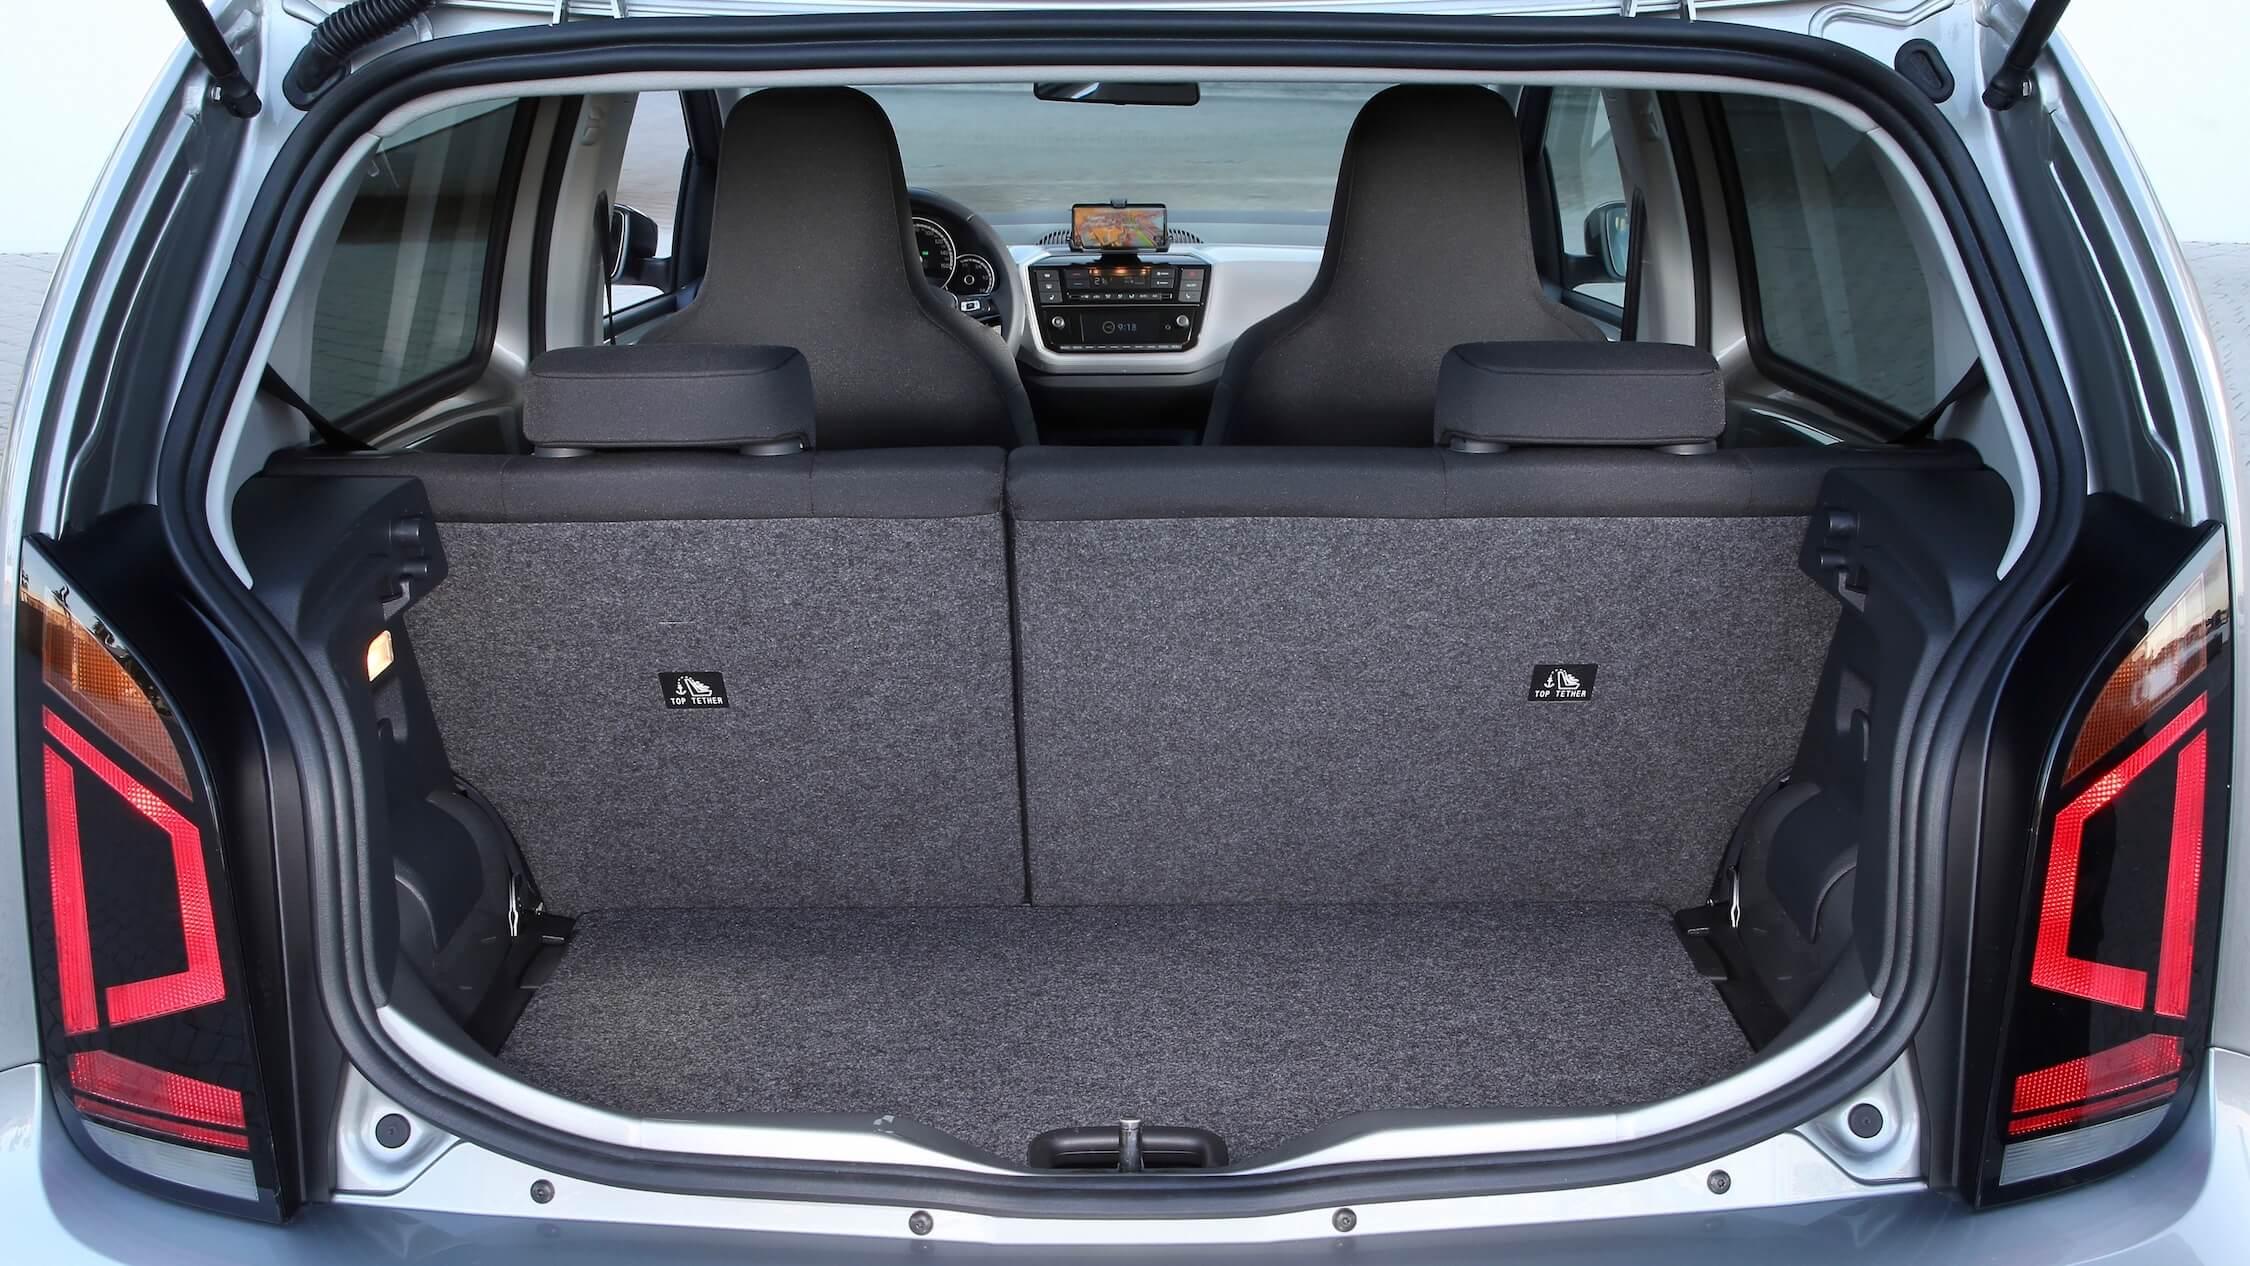 Elektrische Volkswagen e-Up koffer